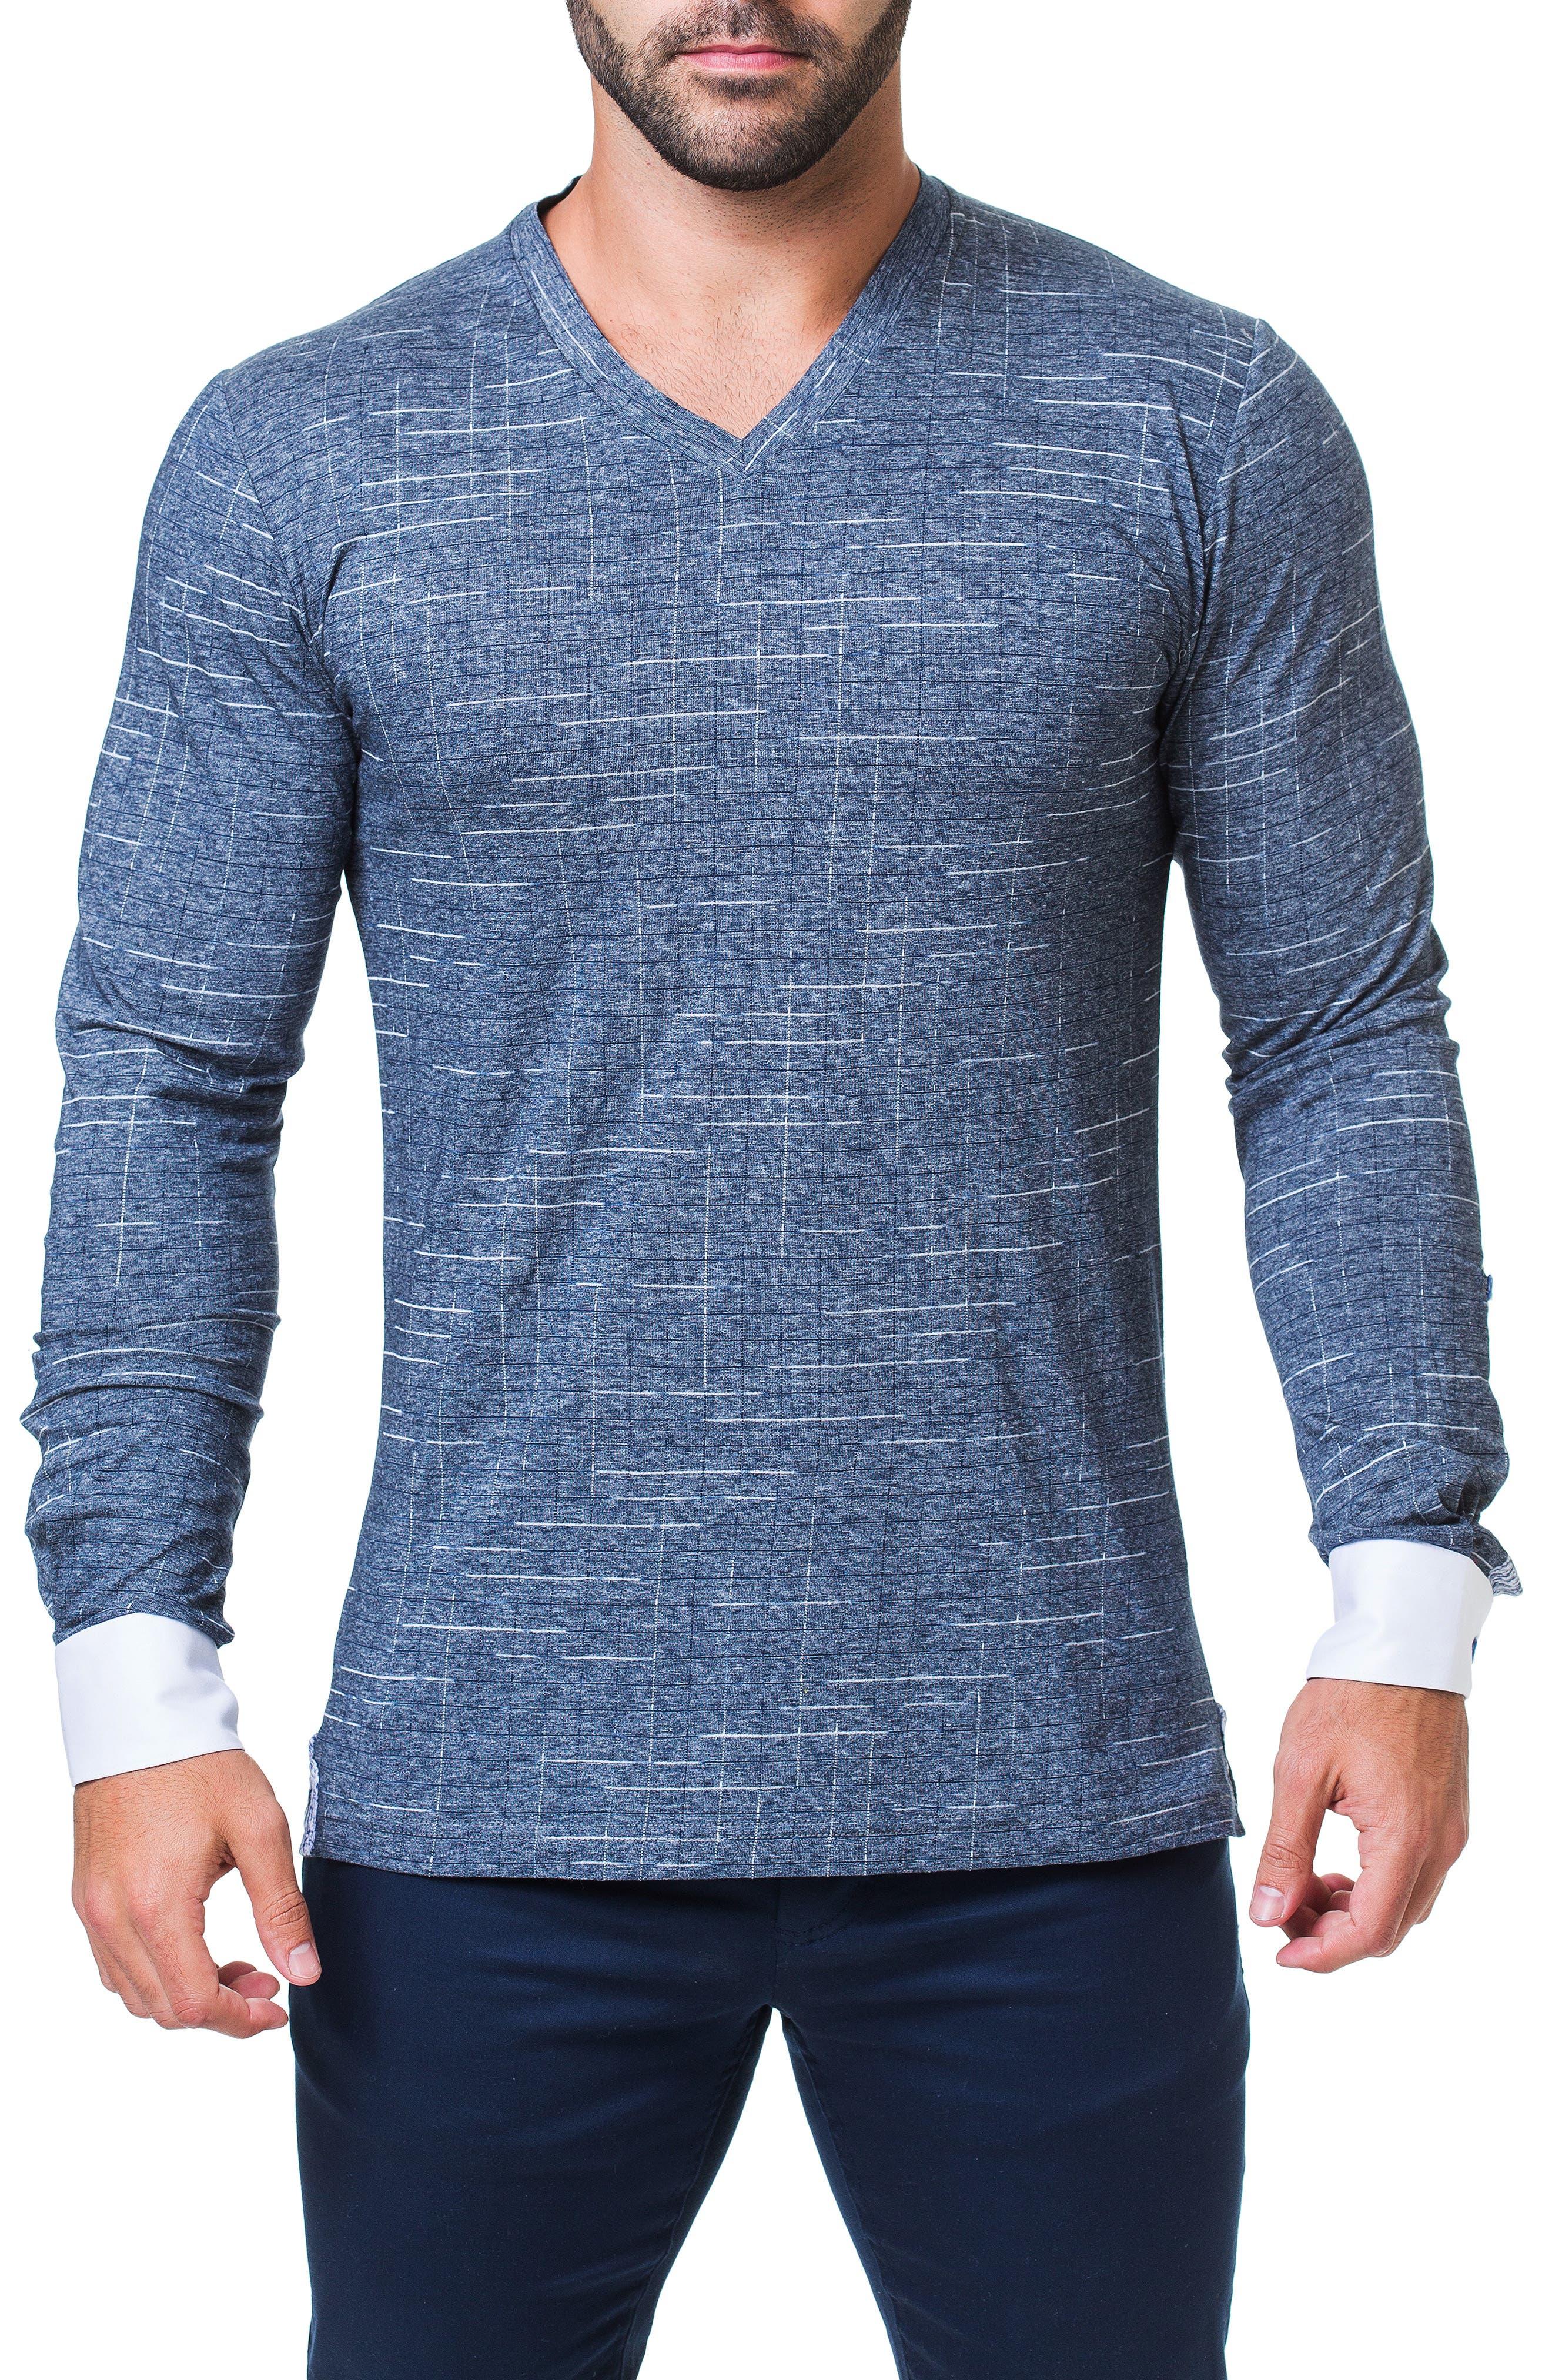 Edison Trim Fit Check T-Shirt,                             Main thumbnail 1, color,                             BLUE